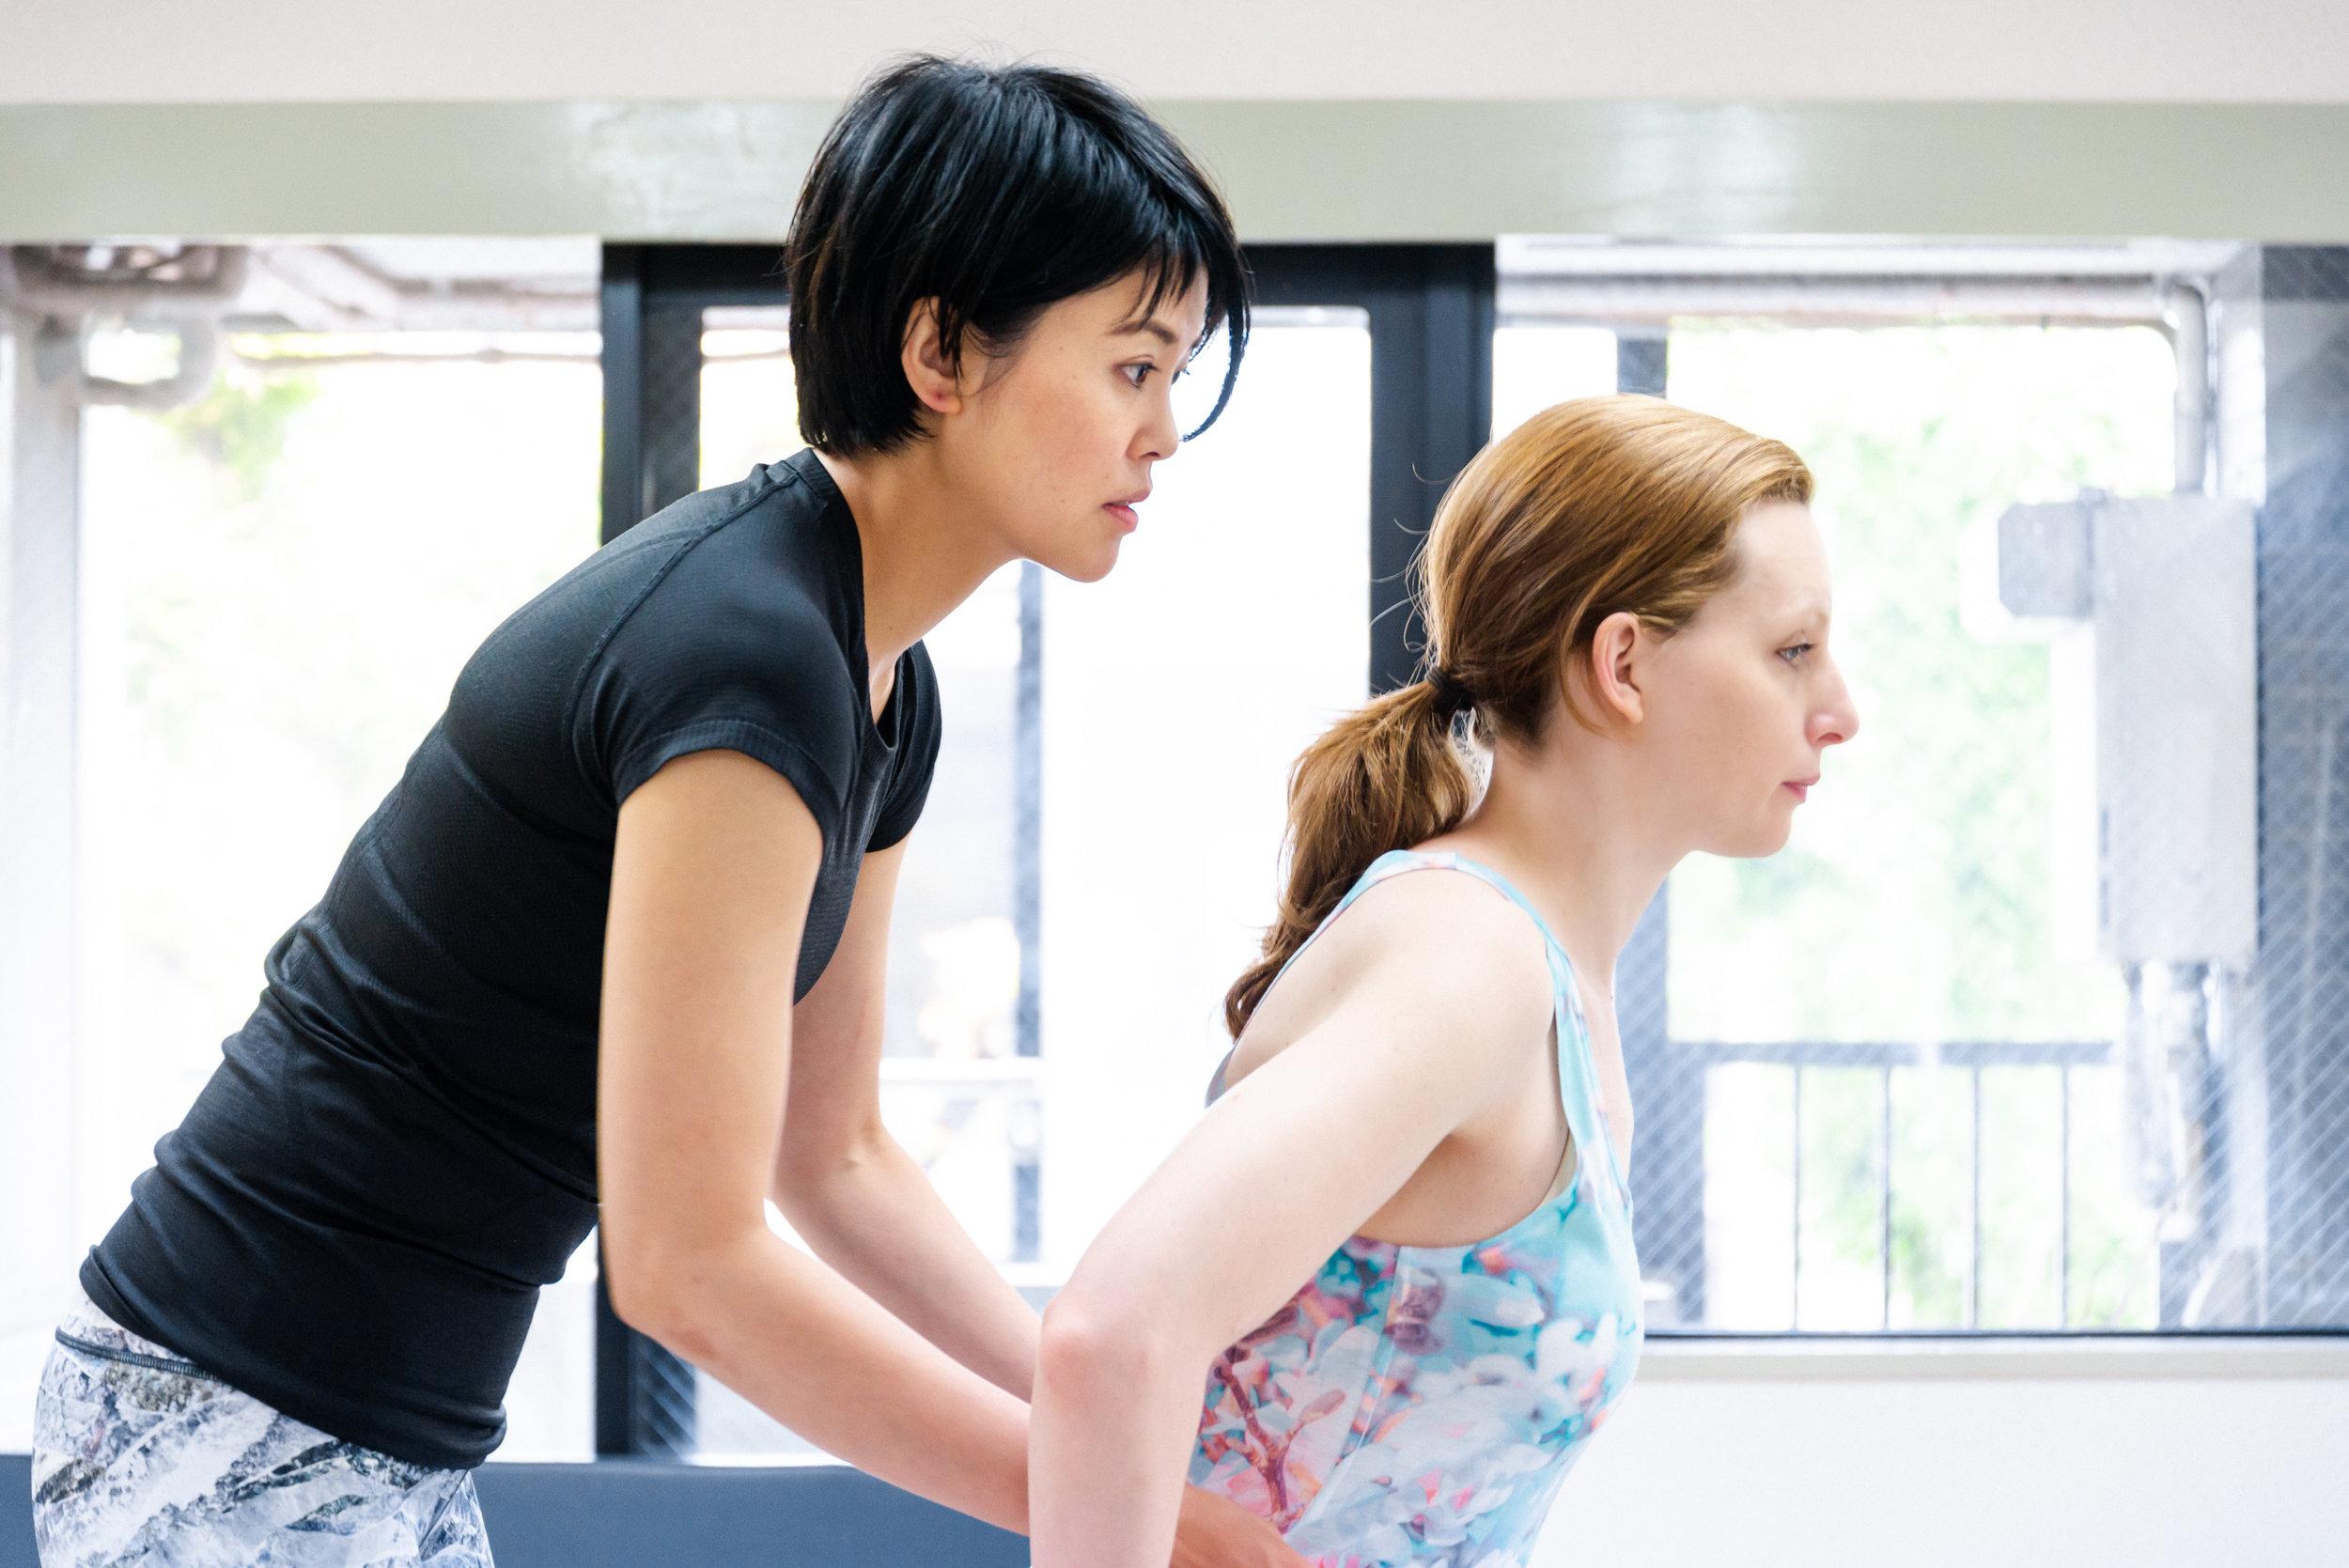 理学療法士はPhysical Therapist(PT)とも呼ばれます。ケガや病気などで身体に障害のある人や障害の発生が予測される人に対して、基本動作能力(座る、立つ、歩くなど)の回復や維持、および障害の悪化の予防を目的に、運動療法や物理療法などを用いて、自立した日常生活が送れるよう支援する医学的リハビリテーションの専門職です。理学療法士は国家資格であり、免許を持った人でなければ名乗ることができません。理学療法士は主に病院、クリニック、介護保険関連施設等で働いています。中には専門性を生かし、プロスポーツのチームに属している理学療法士もいます。当スタジオトレーナーもプロスポーツ選手のリハビリやトレーニングに携わっております。  ※理学療法士には開業権は与えられていません。だから、専門的知識・技術を持った理学療法士の施術を受けたい場合、主に「病院」に行かなければなりません。肩こりや軽度の腰痛では正直、病院には行きにくいですよね。でも、理学療法士の施術を是非受けていただきたいという思いがあります。  理学療法士の資格を持ったトレーナーは病院からは離れ、医師の指示を受けずに施術を行いますので、法律上「理学療法」は行えません。したがって保険も適用されません。しかし、今まで理学療法士として得た知識と技術でみなさんのお身体に真摯に向きあわせていただきます。